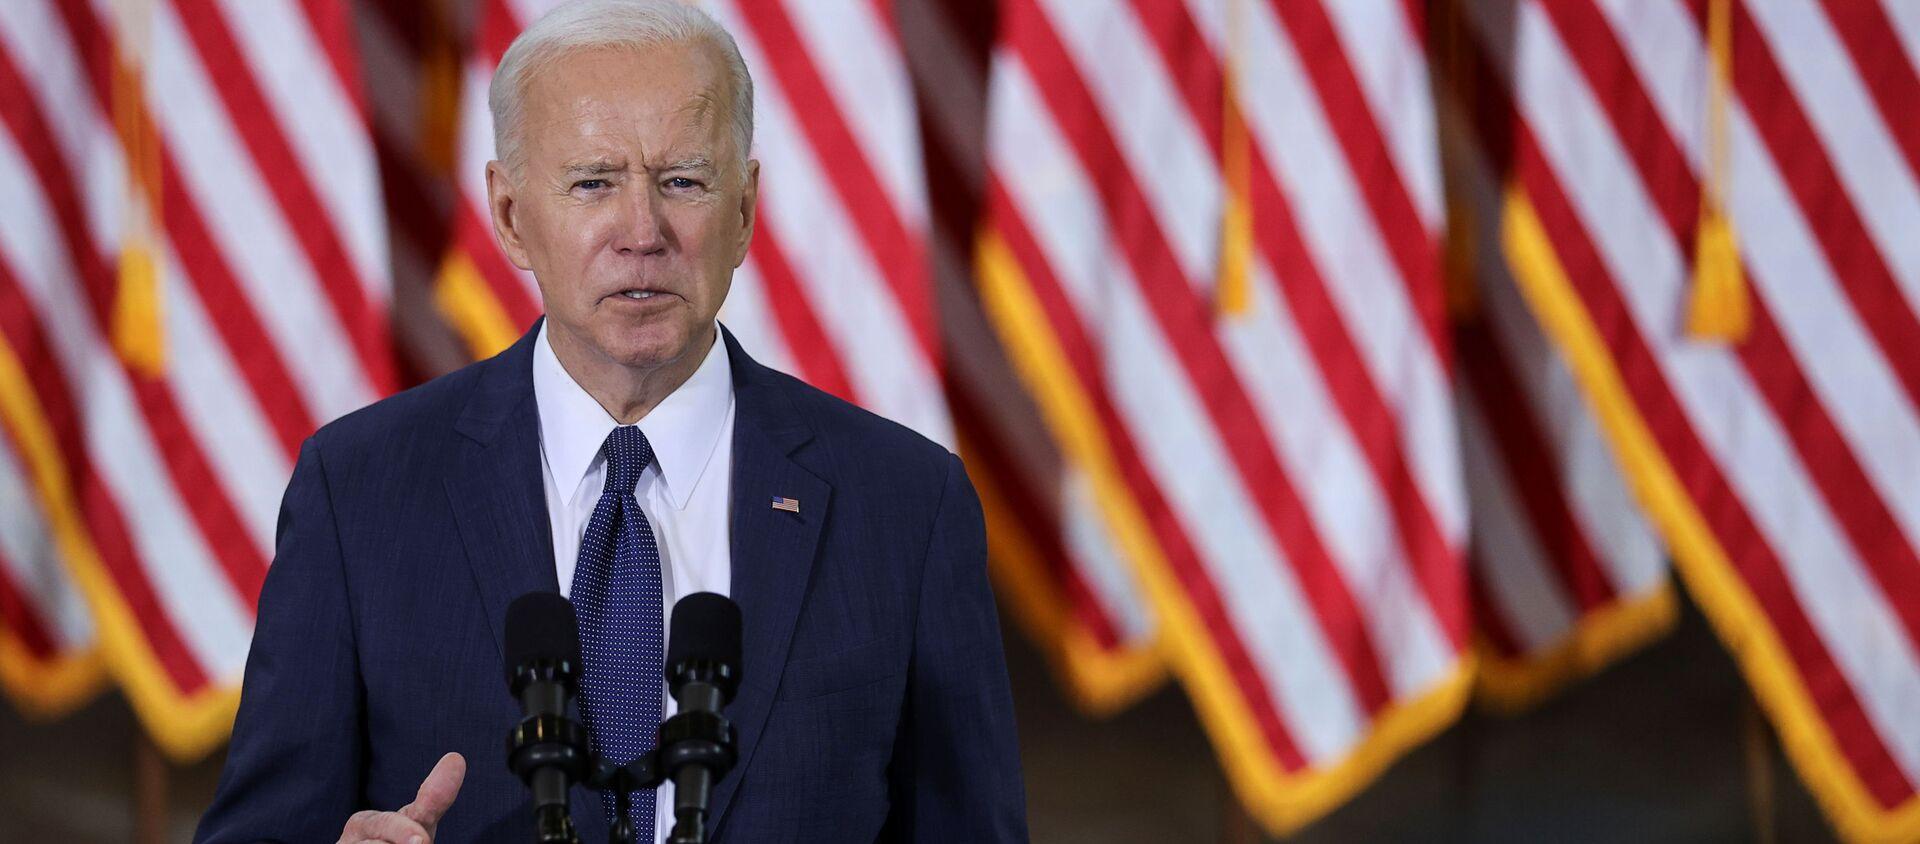 Tổng thống Mỹ Joe Biden. - Sputnik Việt Nam, 1920, 09.04.2021